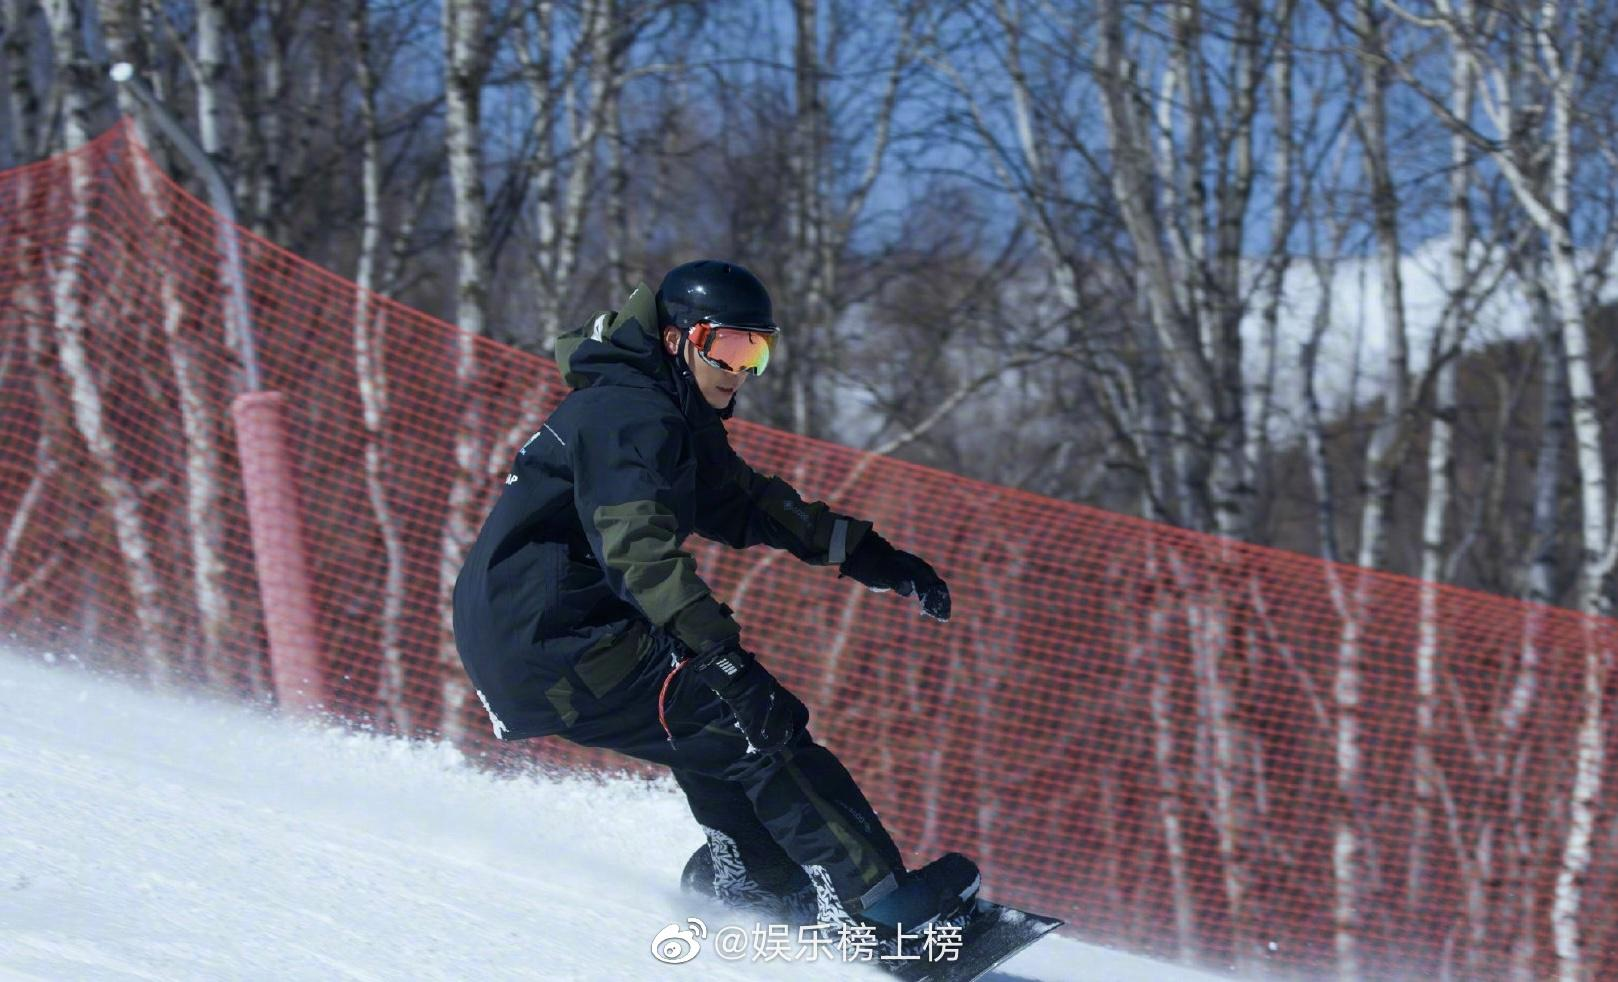 运动达人陈伟霆冬天滑雪夏天划水……